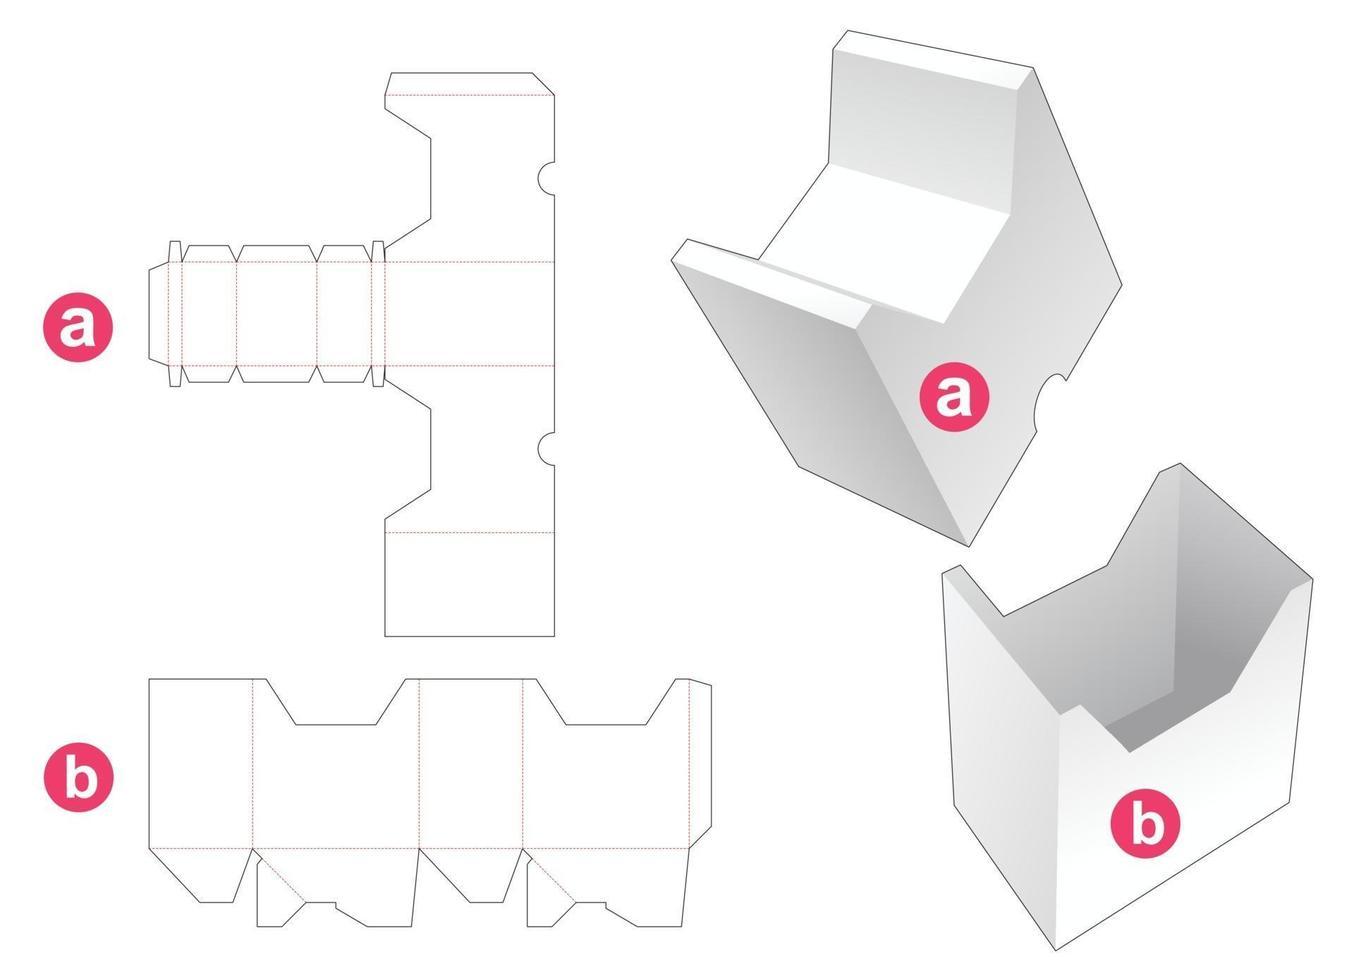 süße Katze geformte Box mit Deckel gestanzte Vorlage vektor